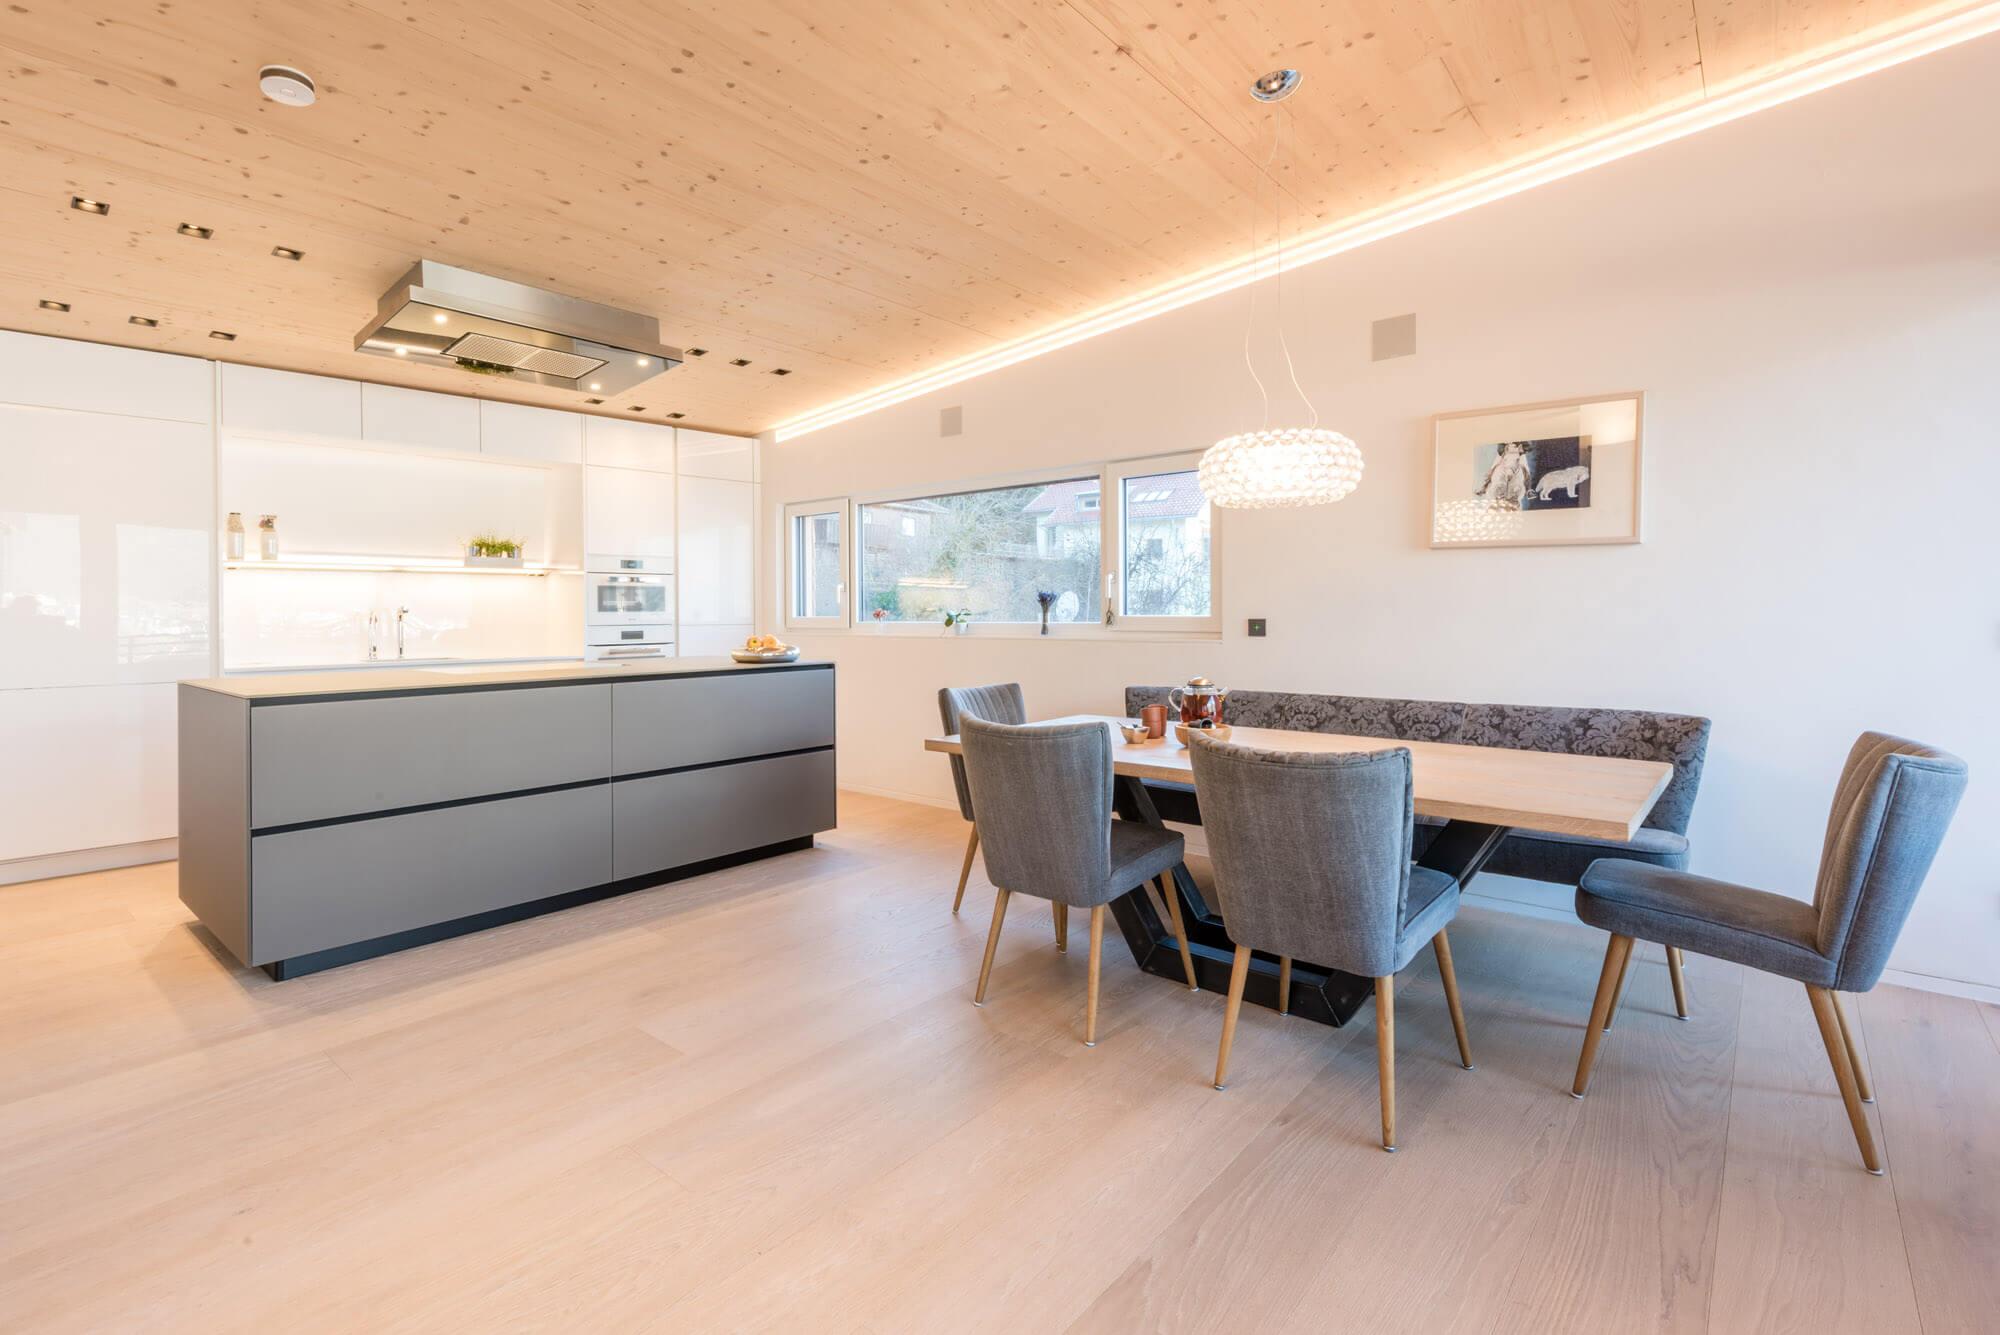 weie sitzbank stunning full size of cool kleine amazonde weisse landhaus flur diele sitzbank. Black Bedroom Furniture Sets. Home Design Ideas